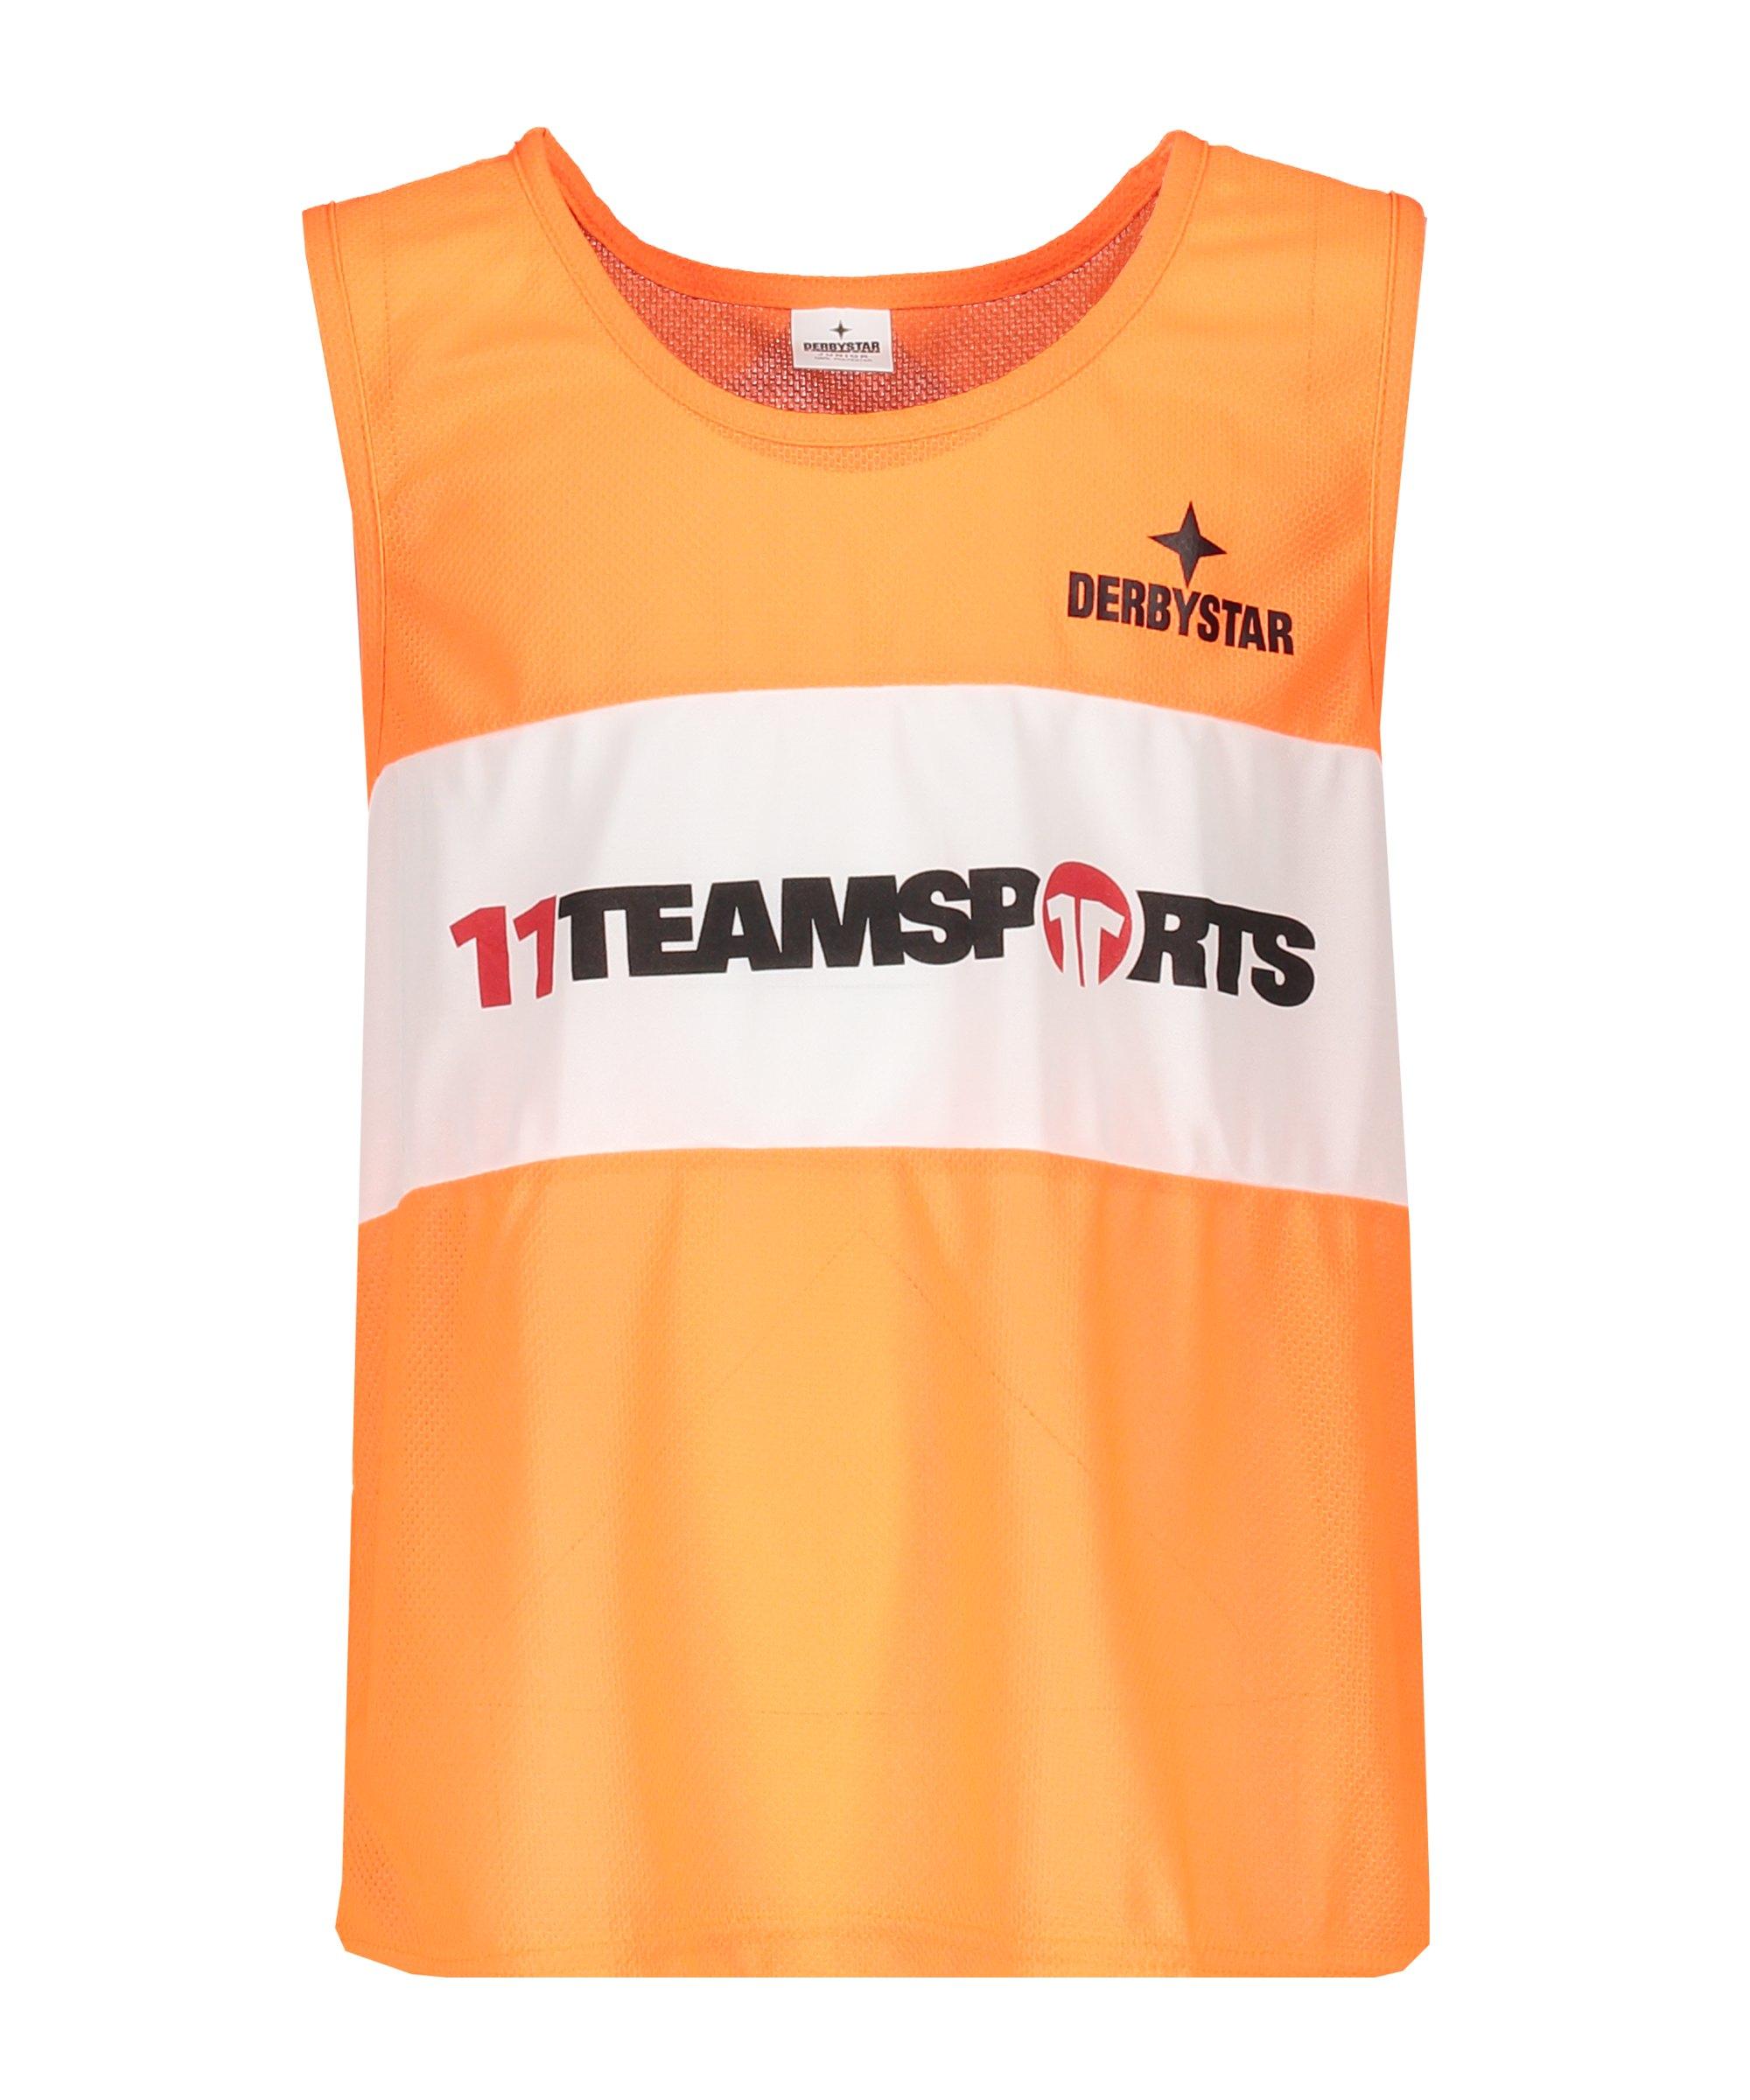 Derbystar Markierungshemdchen 11teamsports Orange - orange